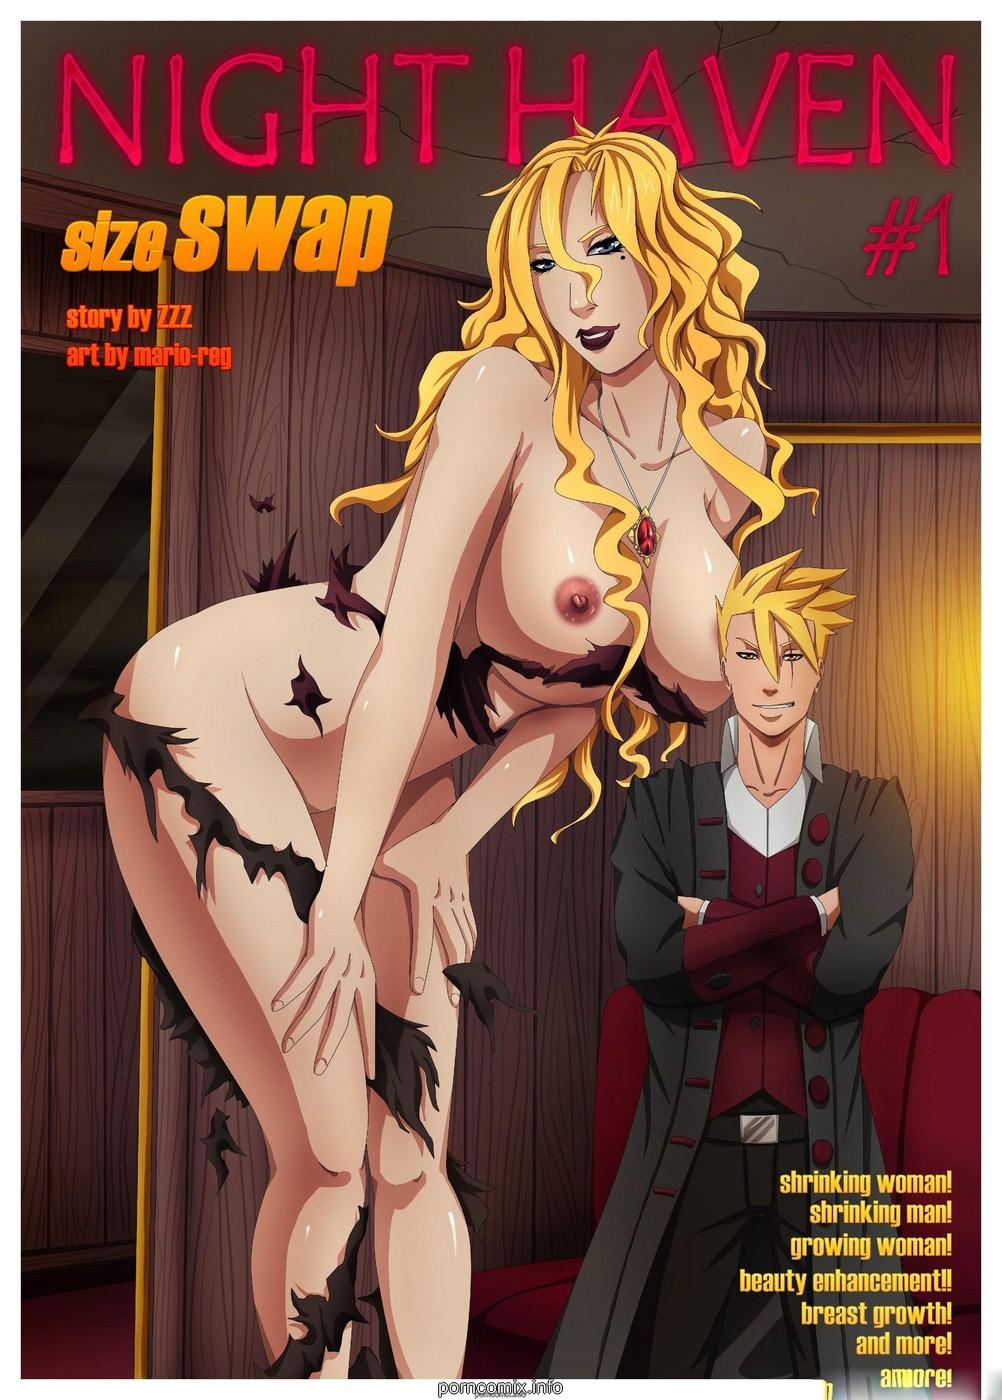 Porn Comics - Night Haven Size Swap porn comics 8 muses